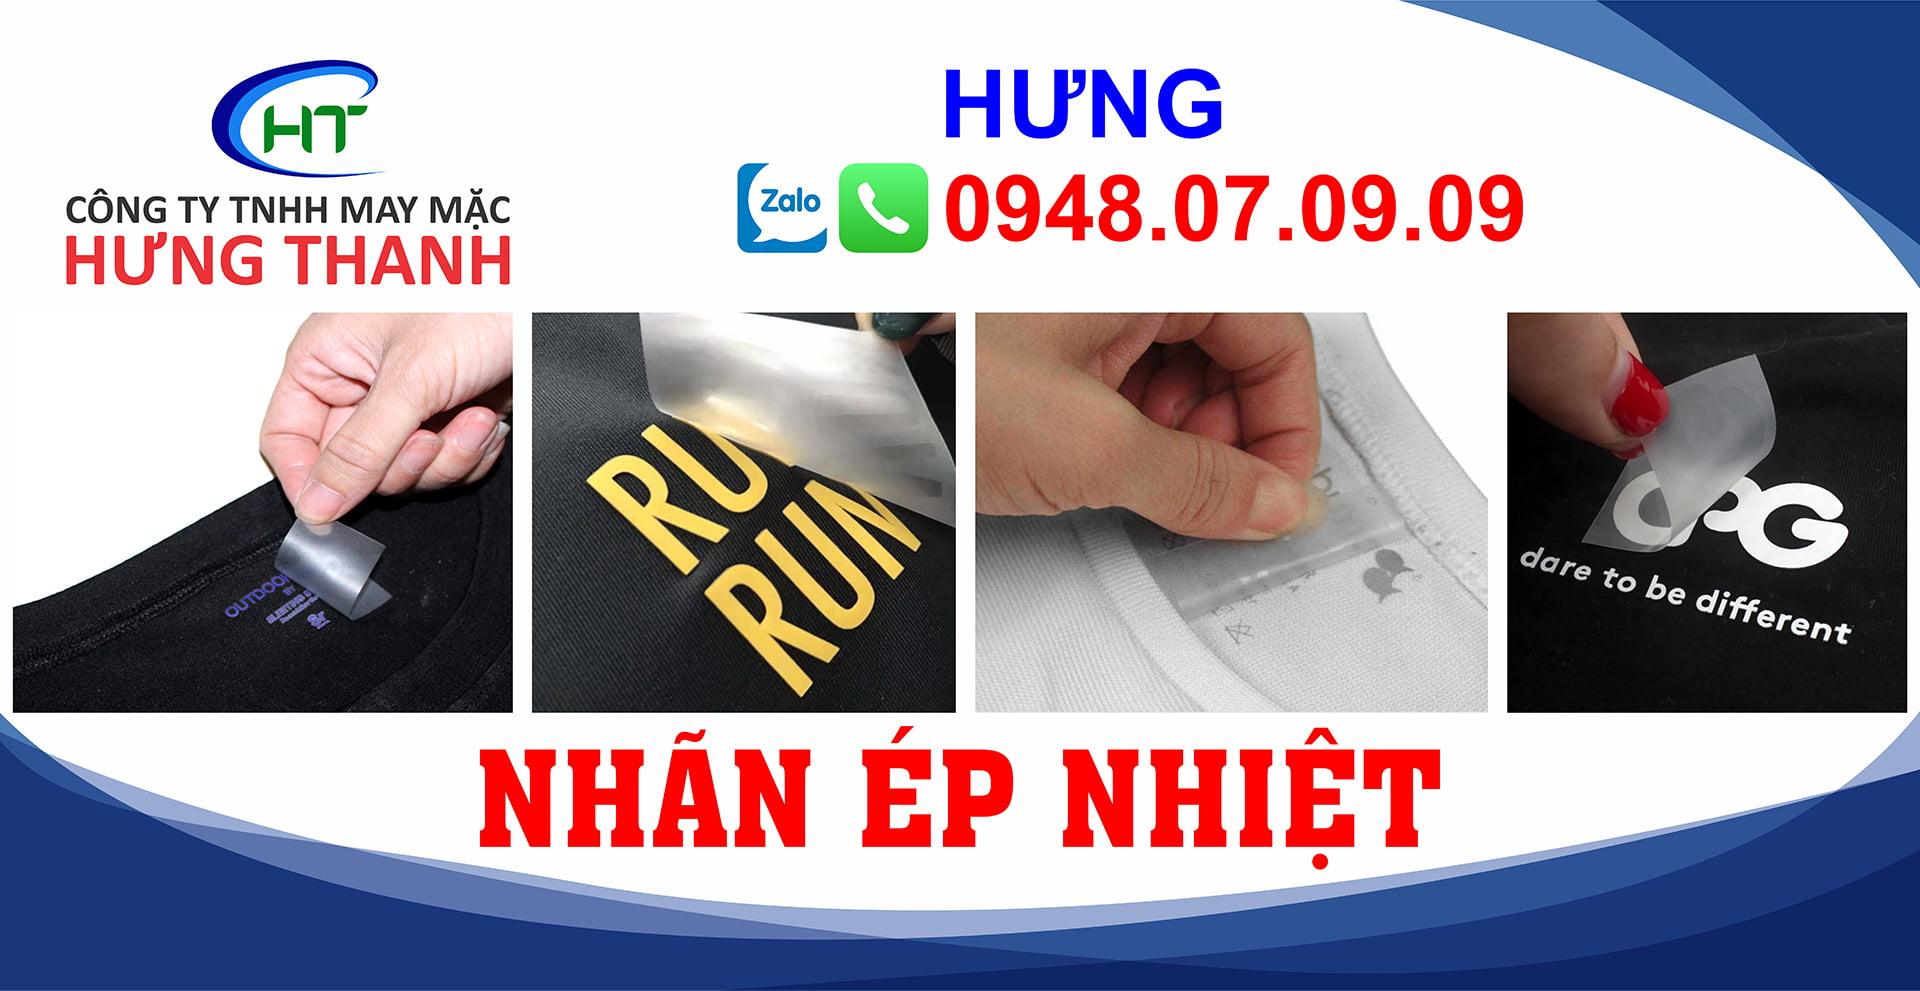 Nhan-ep-nhiet-Hung-Thanh-12.jpg